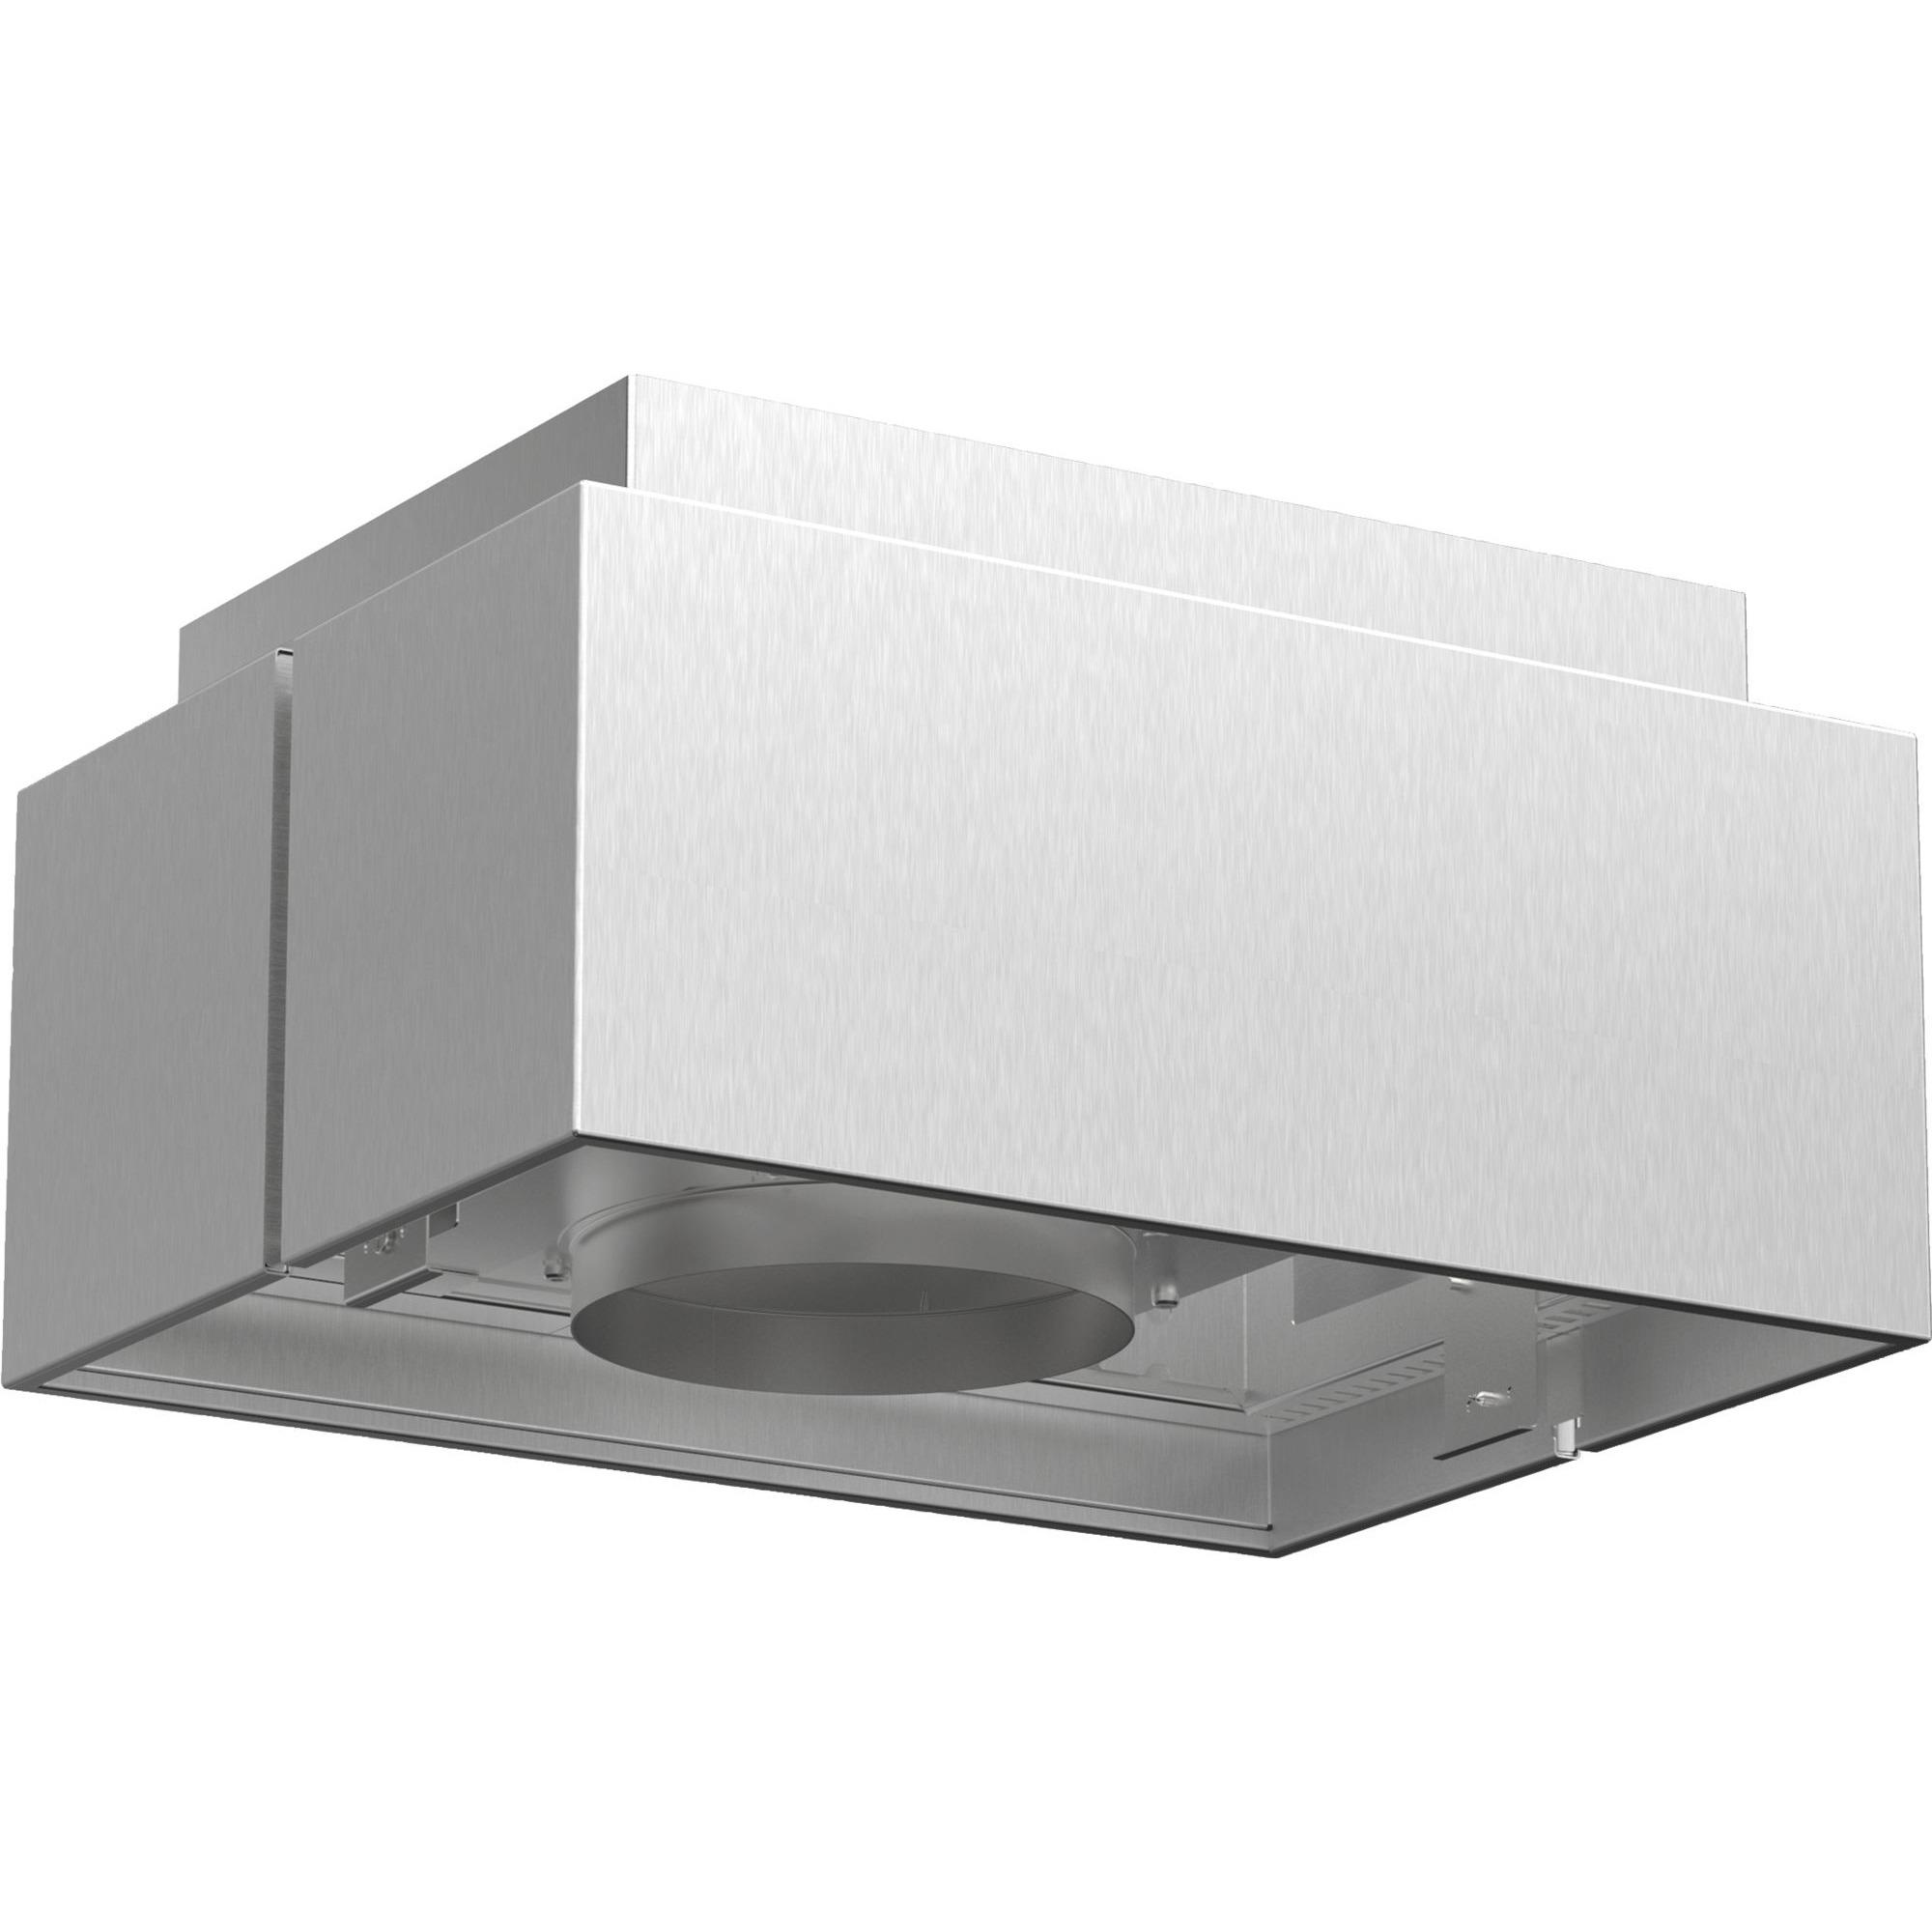 LZ57600 Kit de extractores accesorio para campana de estufa, Set de modificación